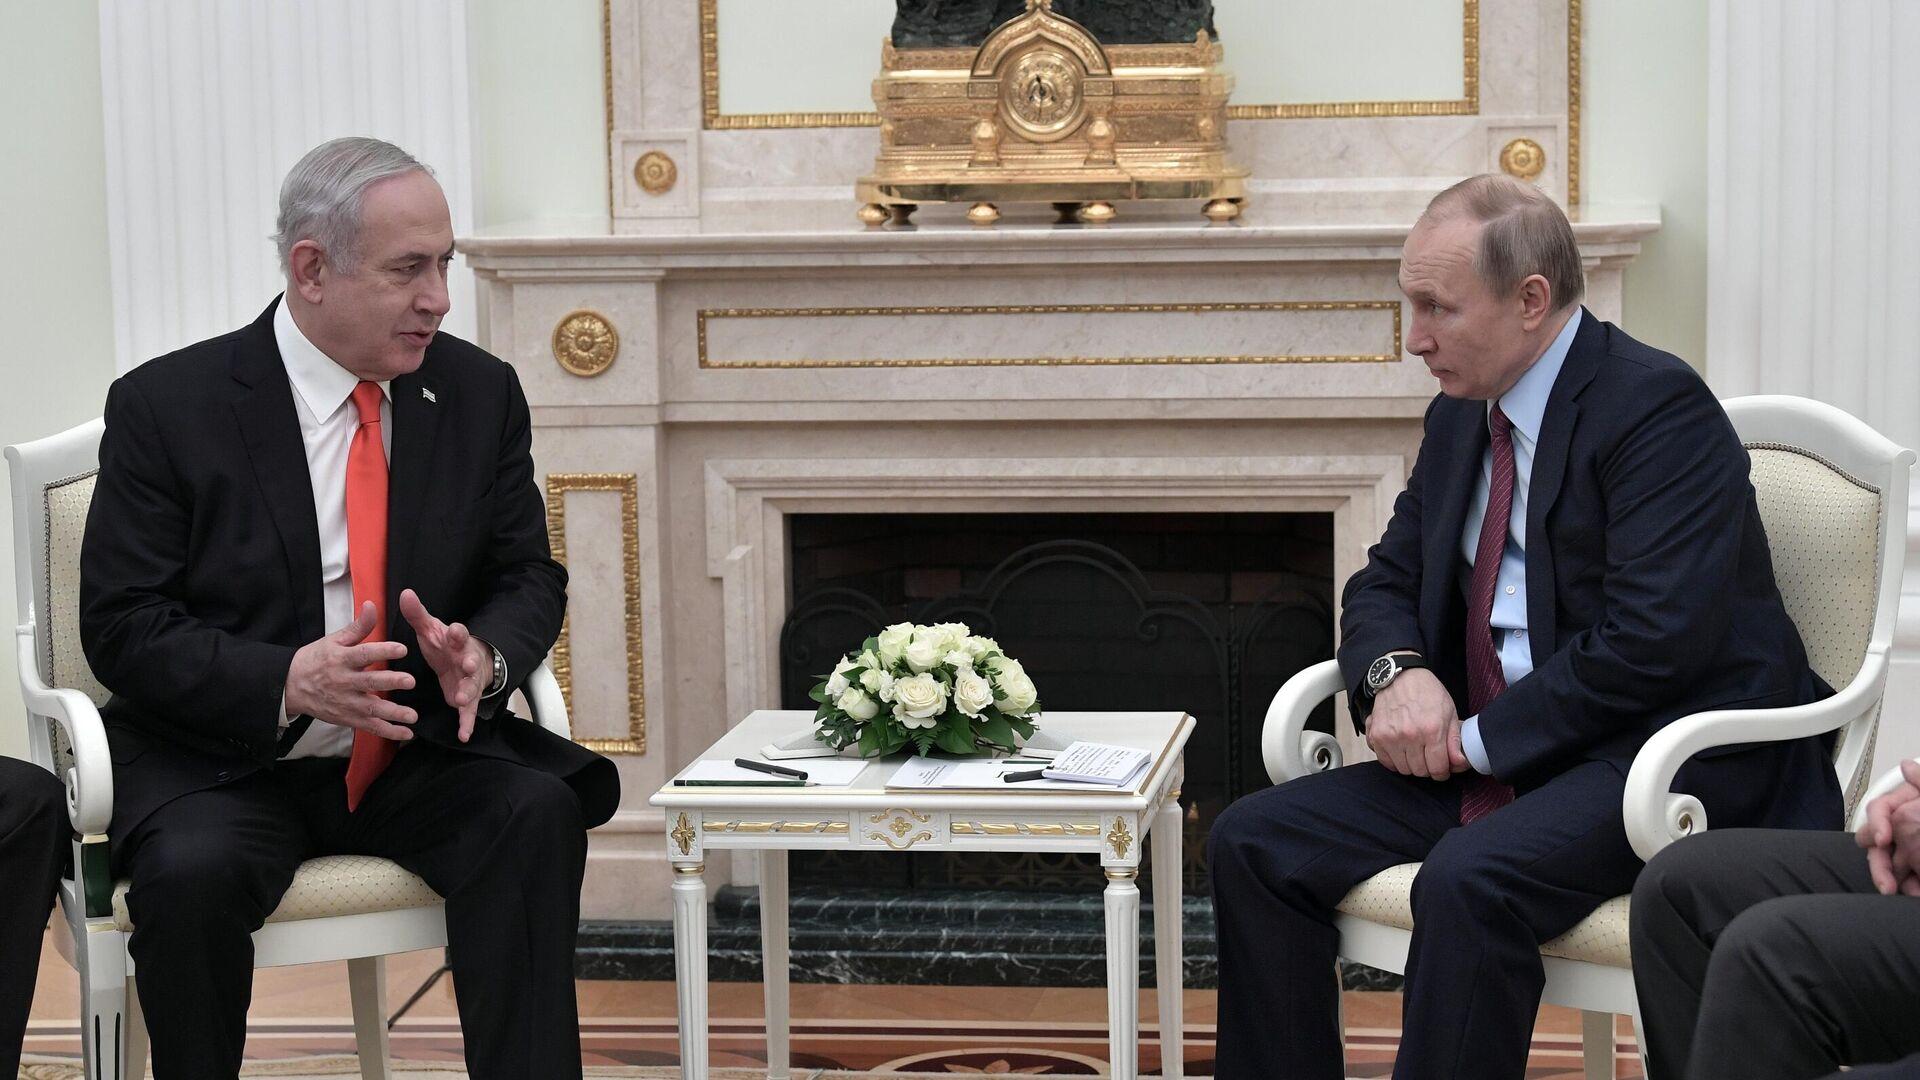 Президент РФ Владимир Путин и премьер-министр Израиля Биньямин Нетаньяху во время встречи - РИА Новости, 1920, 07.05.2021